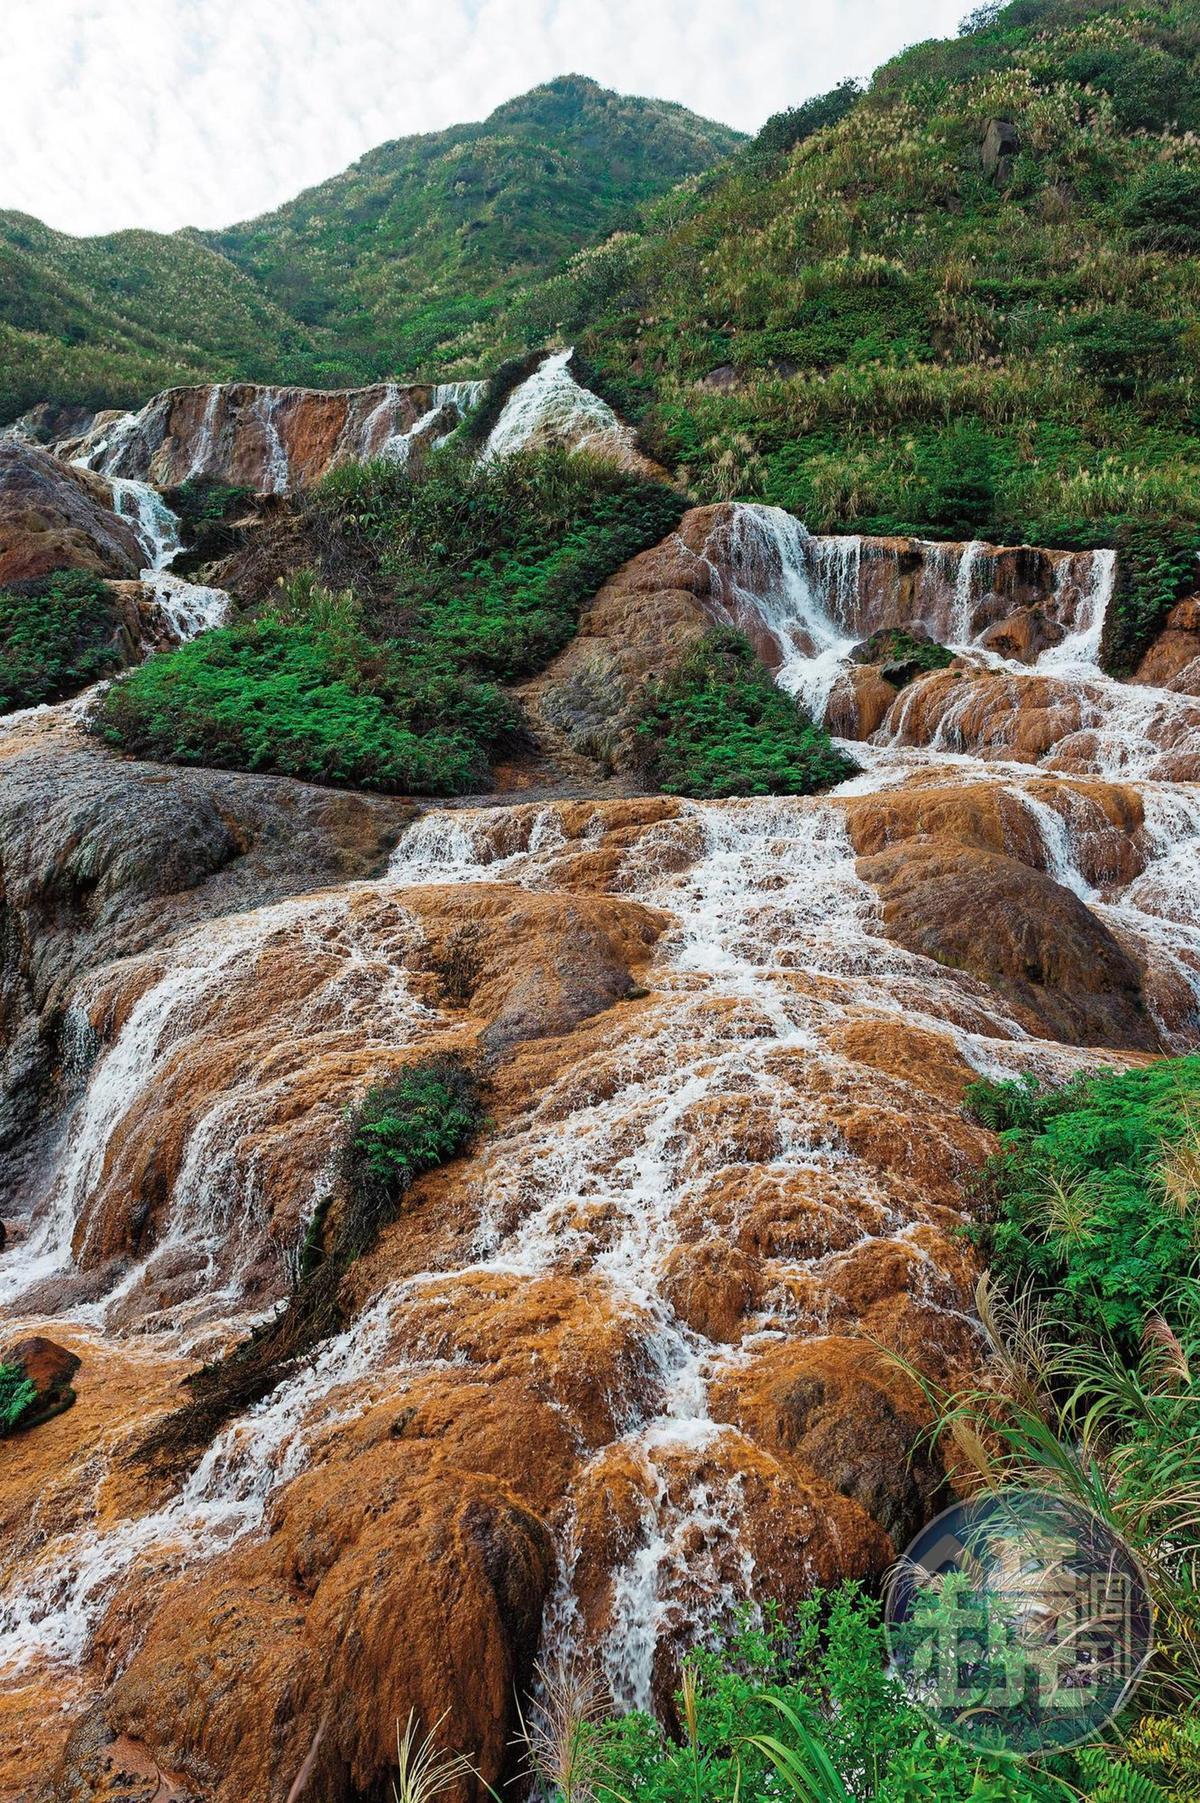 「黃金瀑布」因特殊地質景觀,擁有獨特的美感。